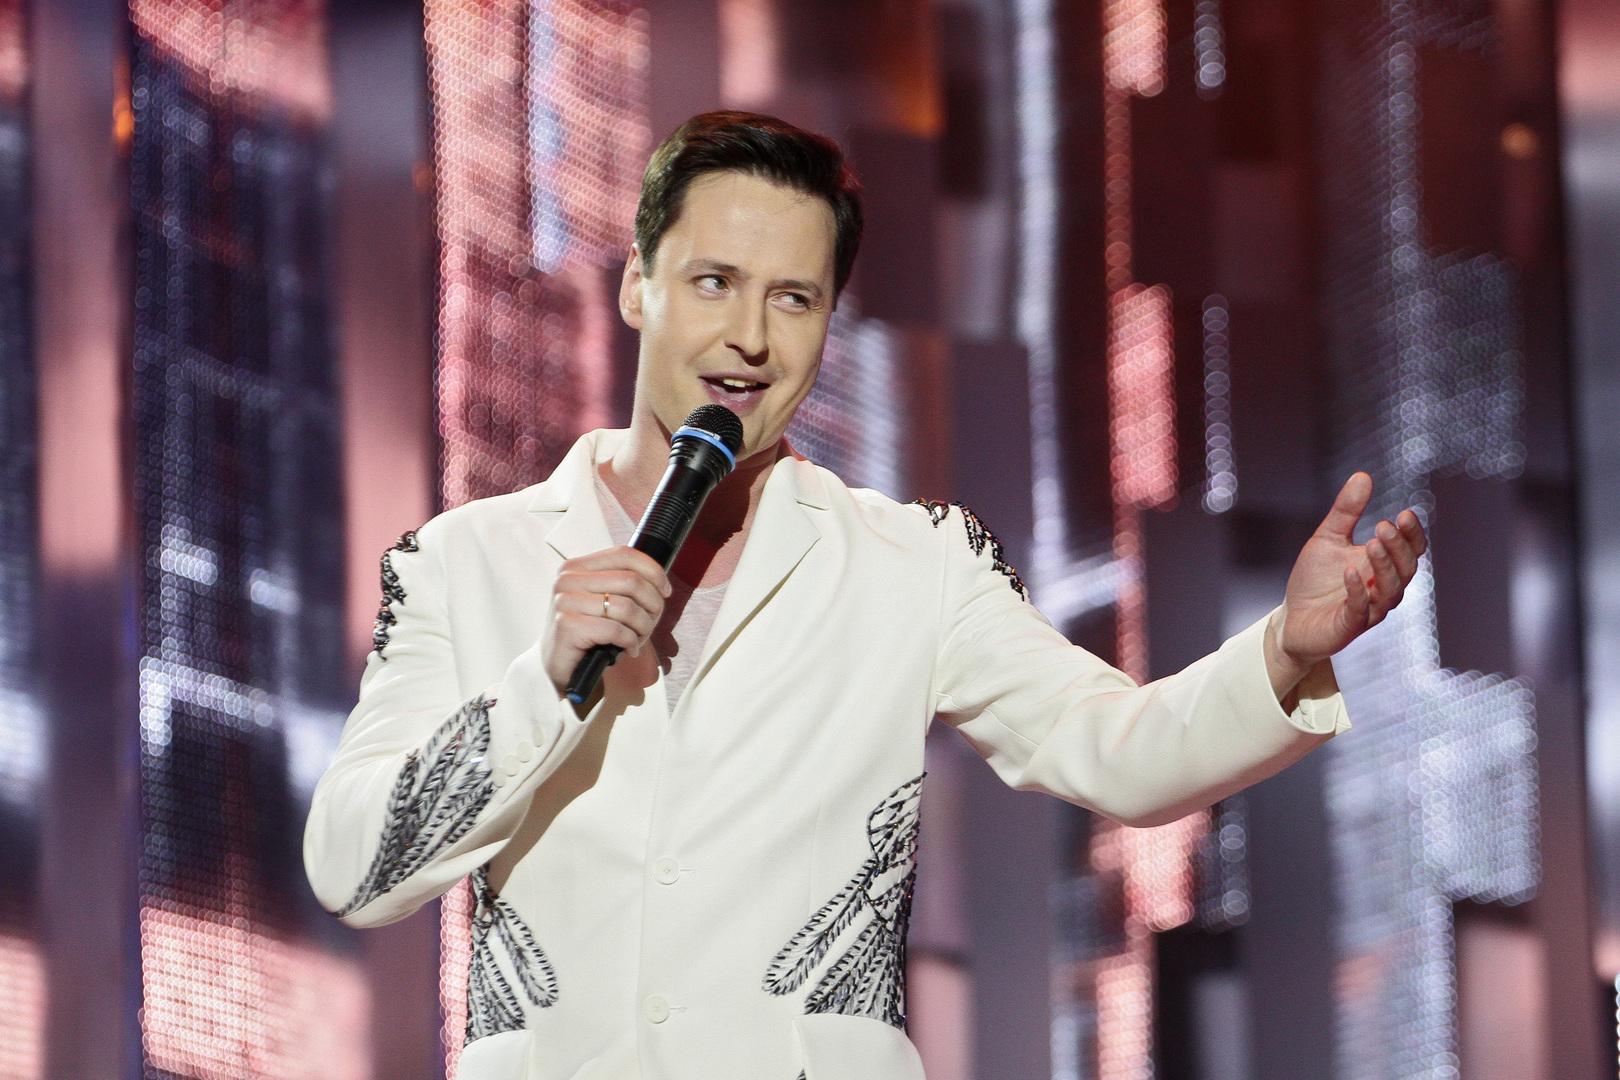 Где сейчас живёт Витас: почему певец перебрался в Китай